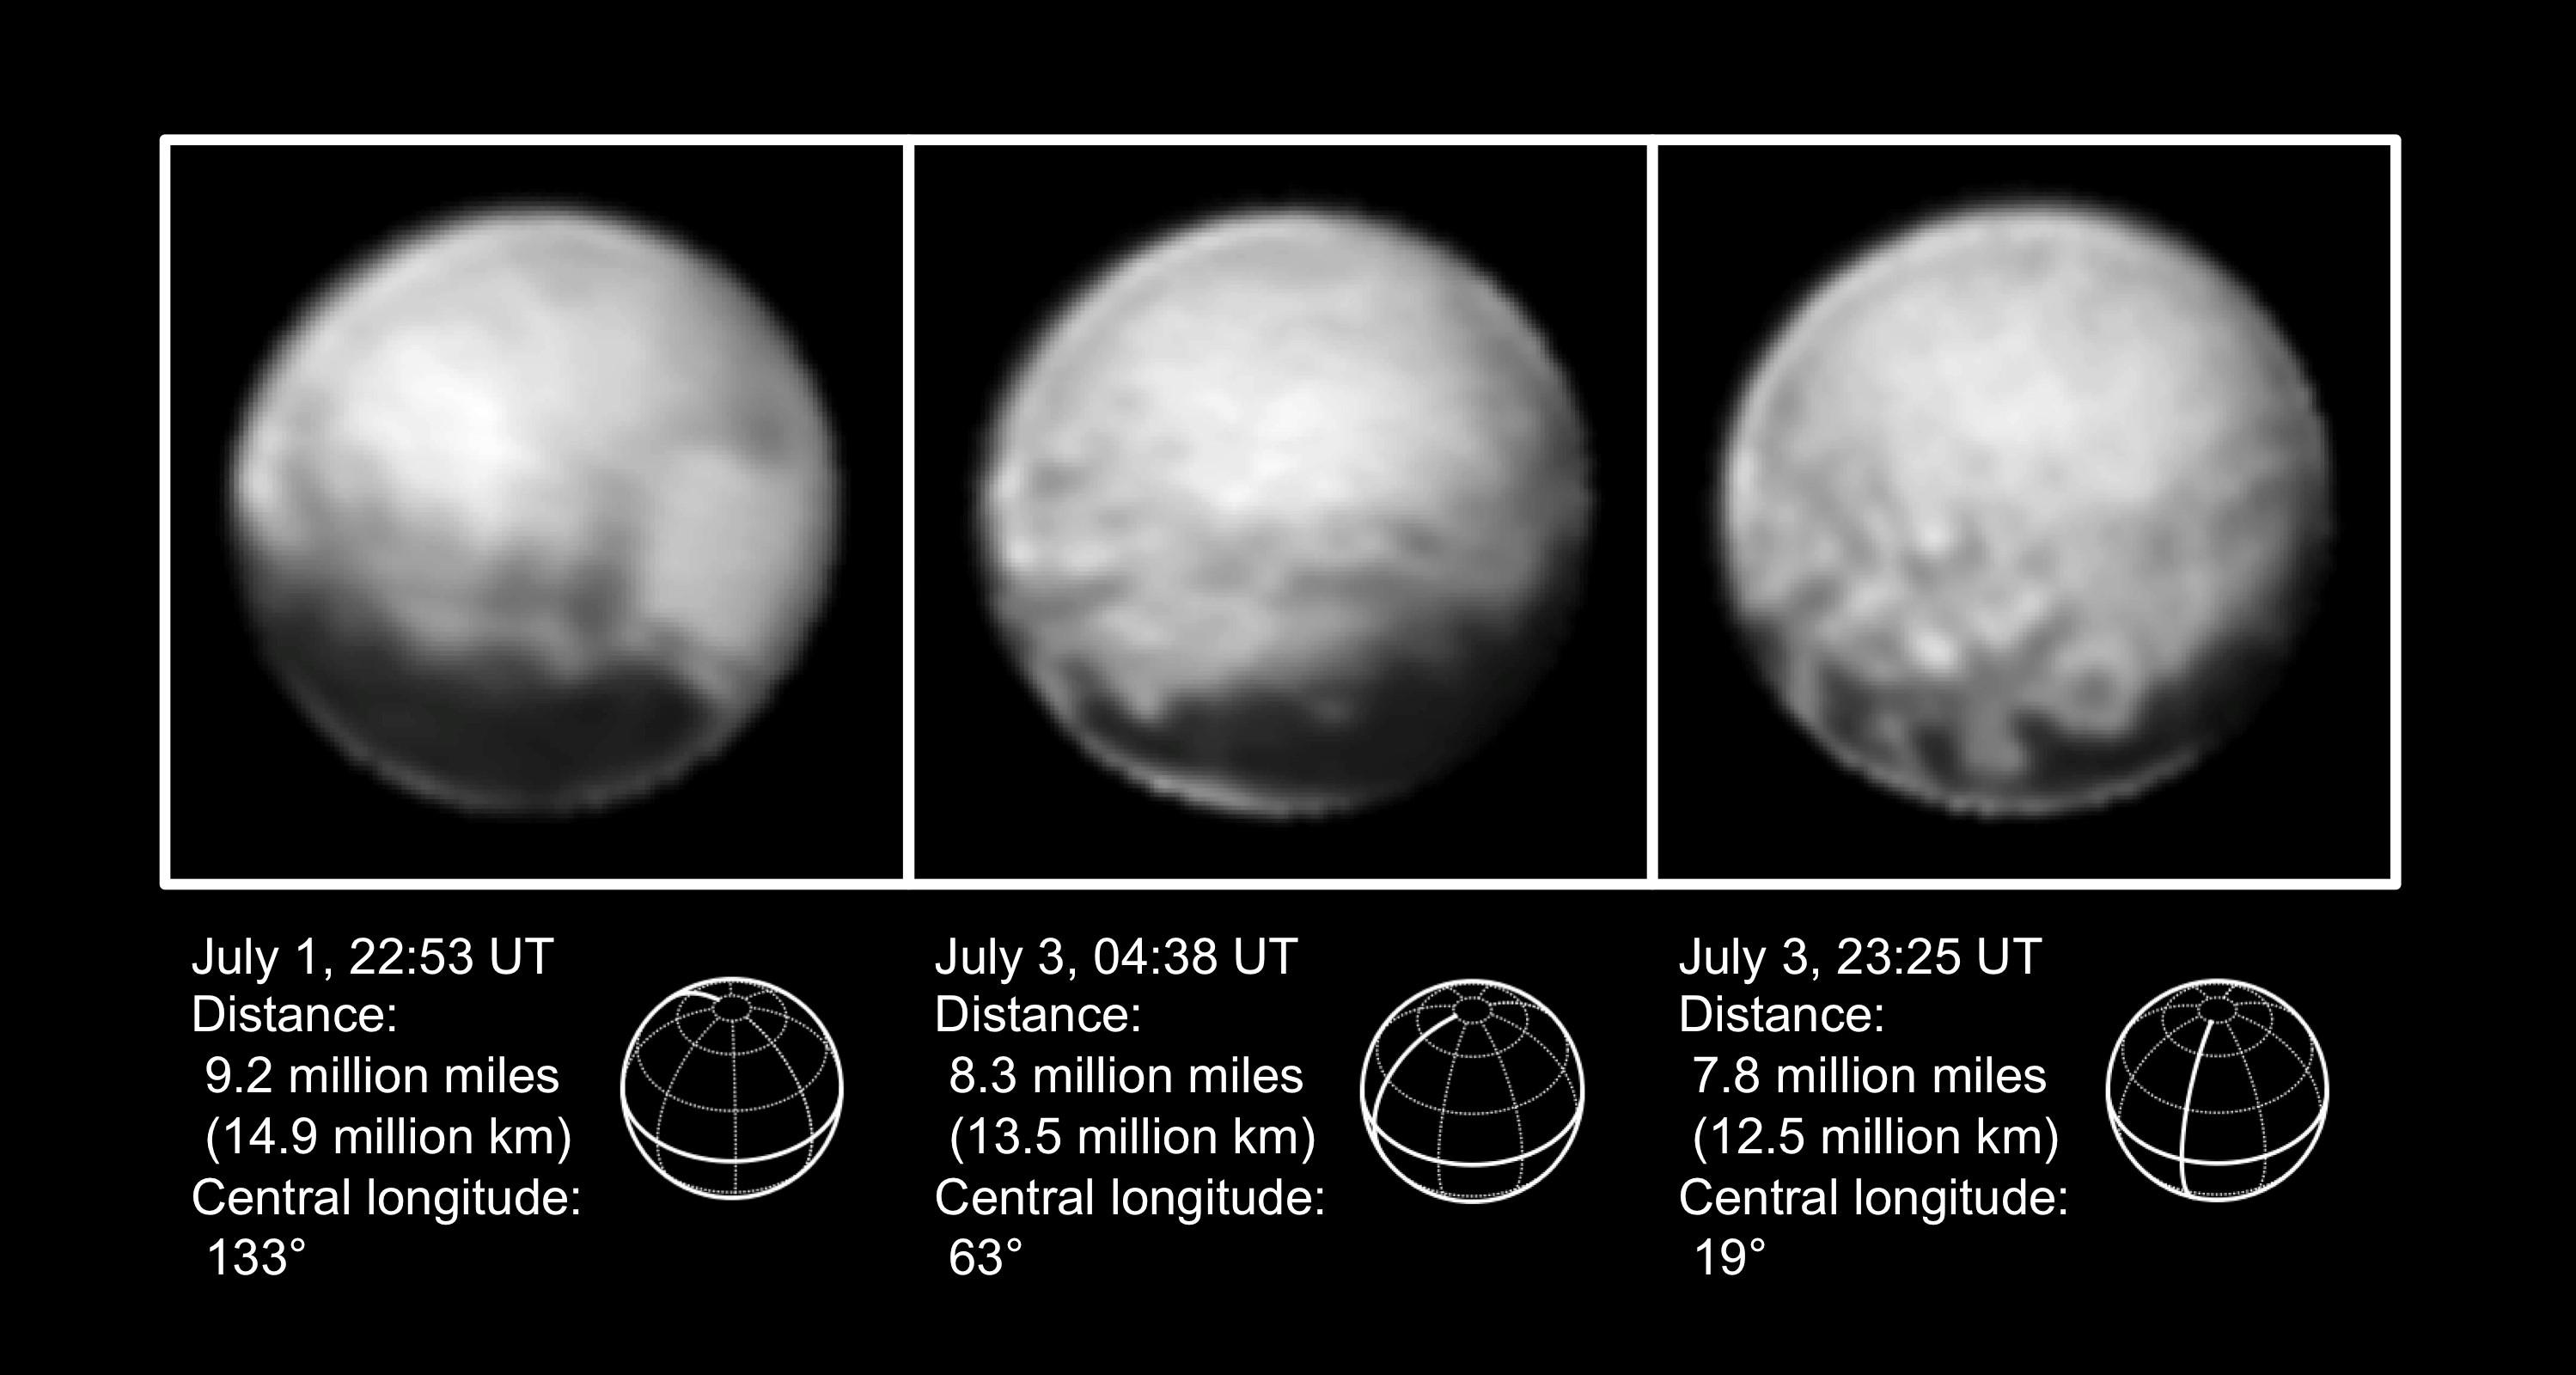 Jupiter - Galleries | Planets - NASA Solar System Exploration